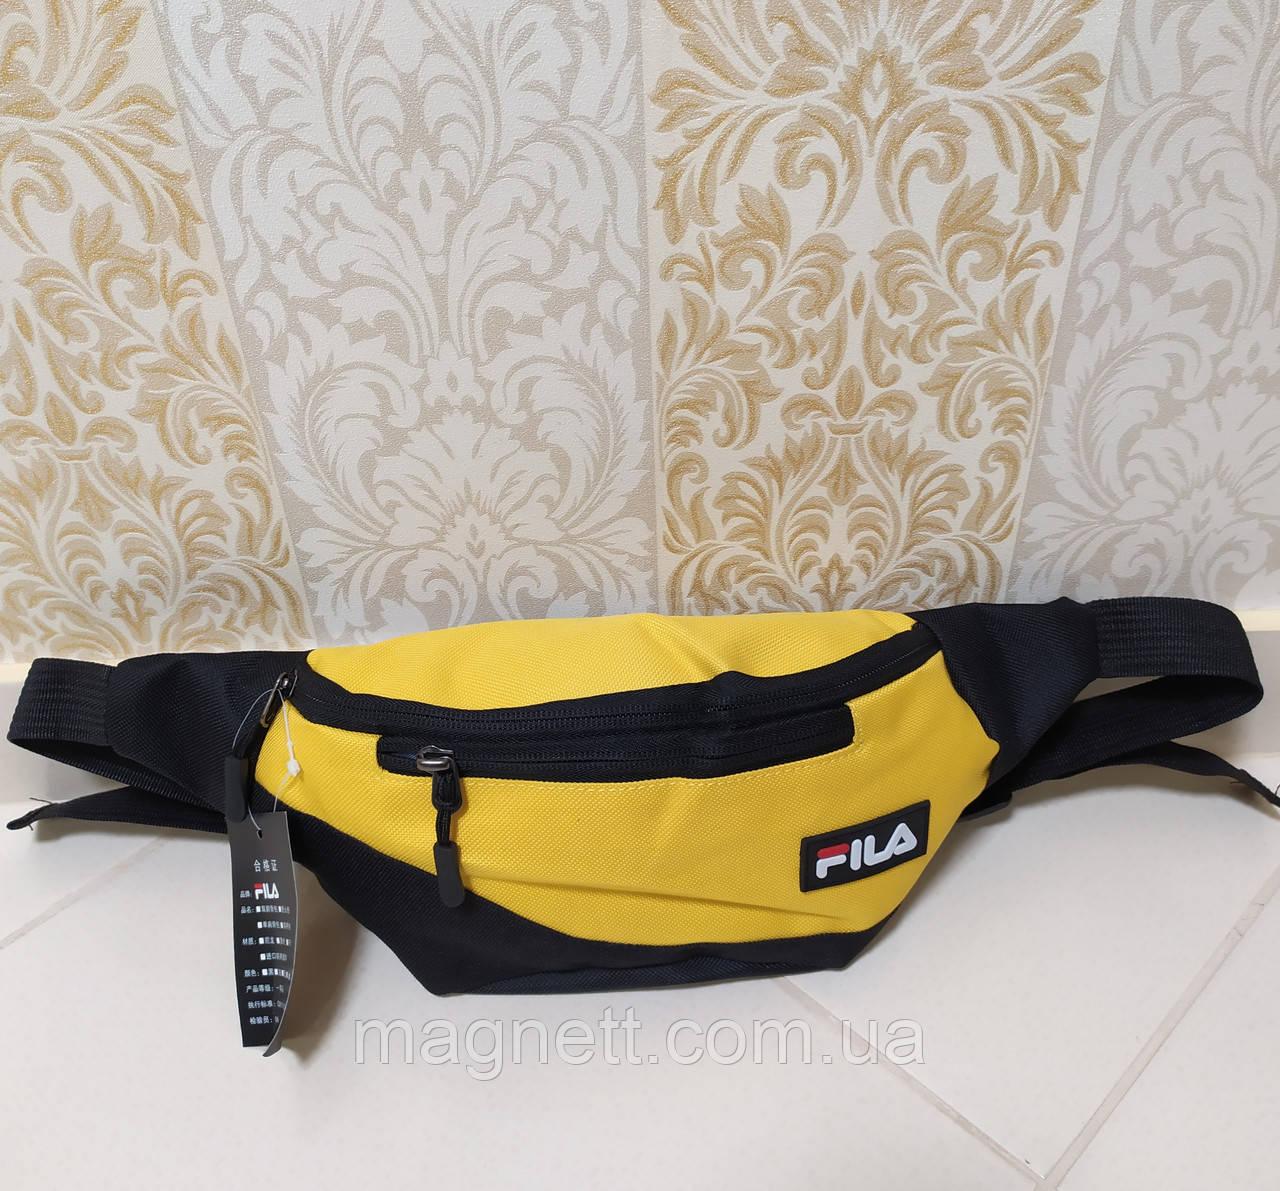 Сумка на пояс бананка мужская на 3 отделения FILA (желтый цвет)